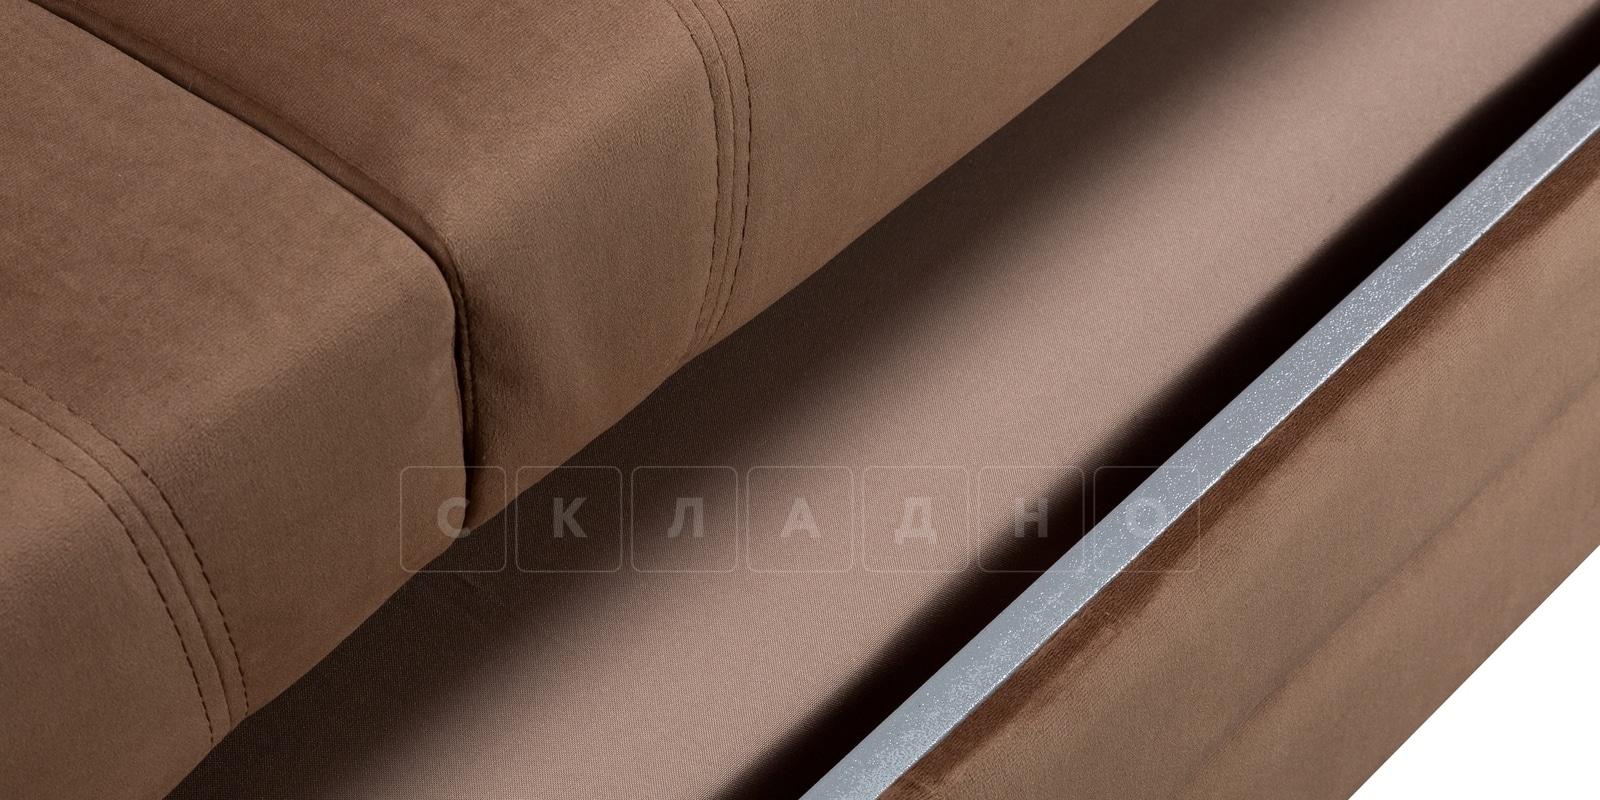 Диван Бристоль велюр коричневый фото 7 | интернет-магазин Складно